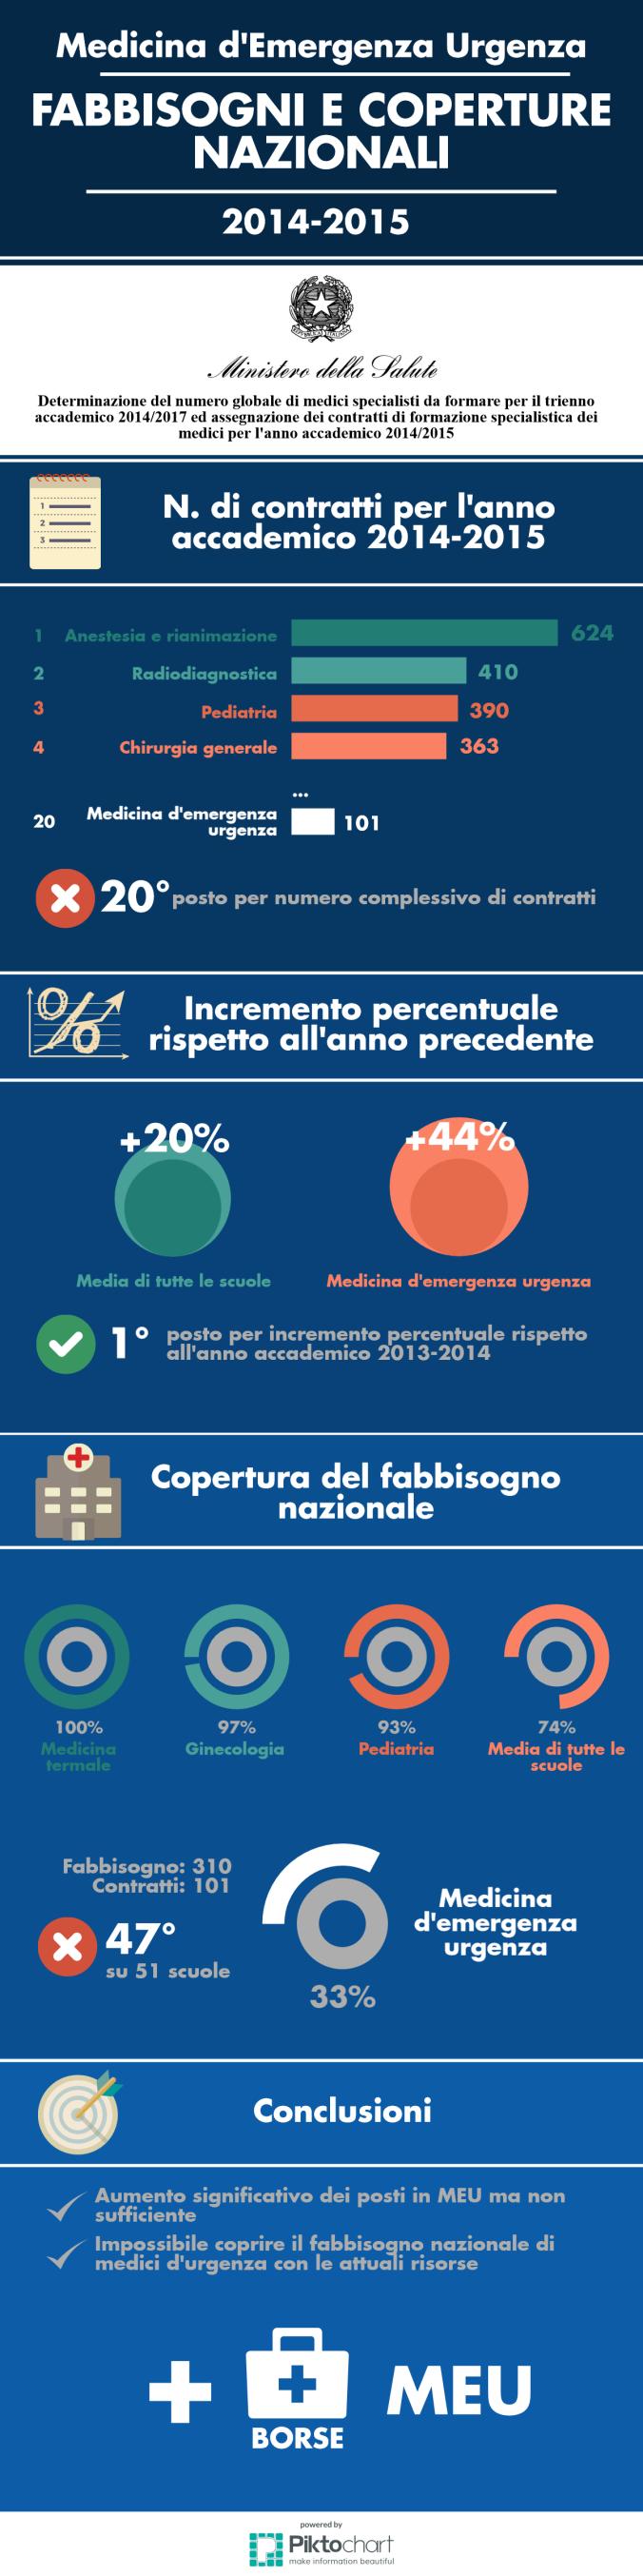 fabbisogni-e-coperture-2014-2015